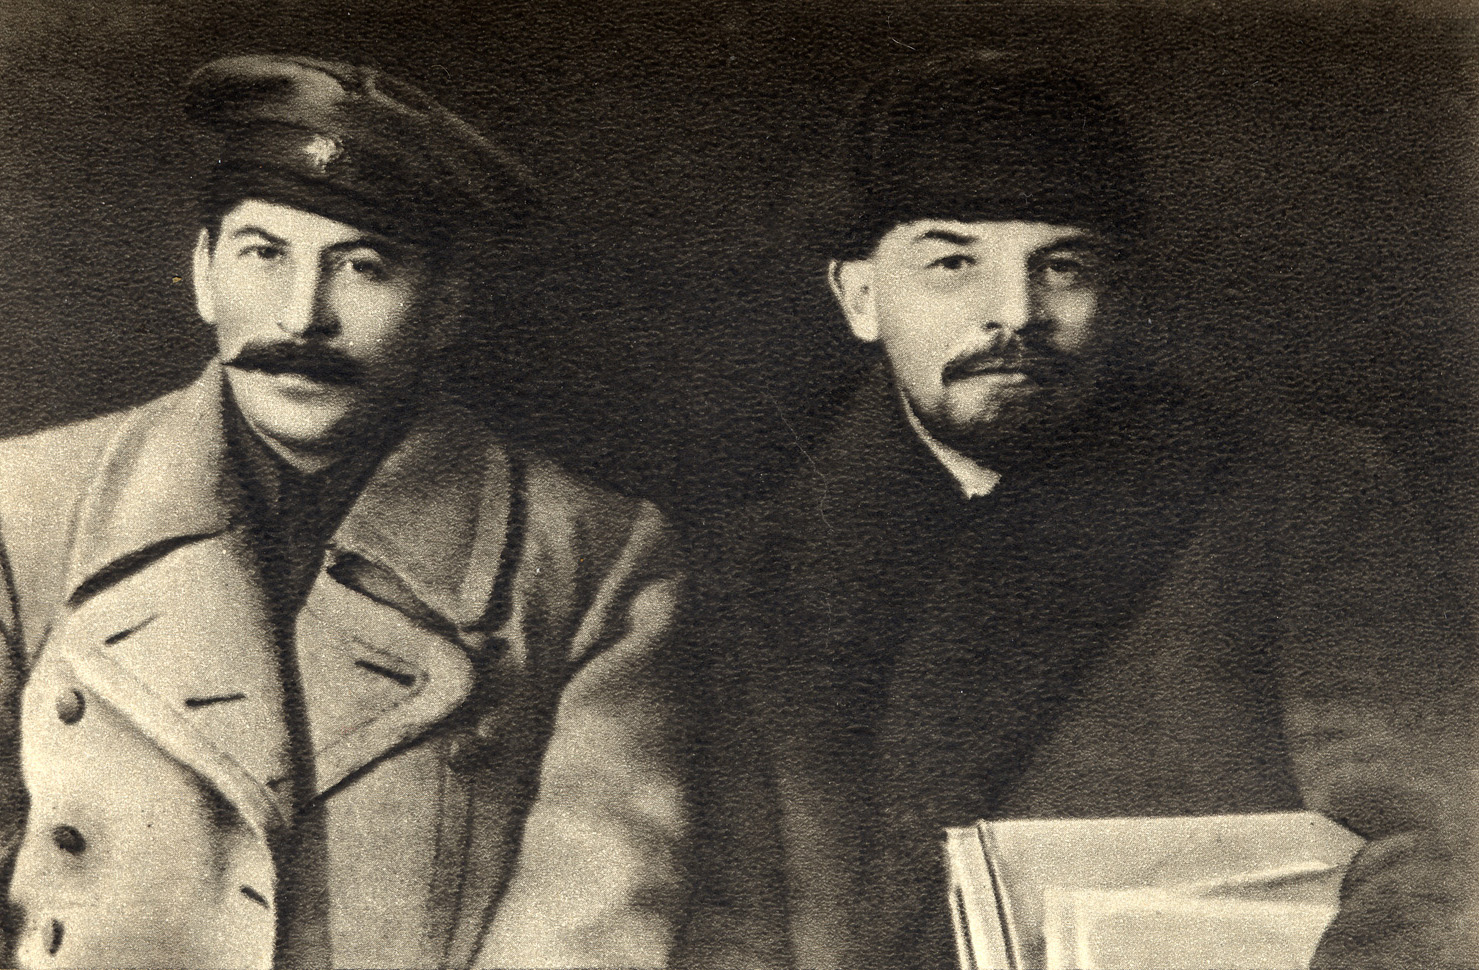 Иосиф Сталин и Владимир Ленин в 1919 году